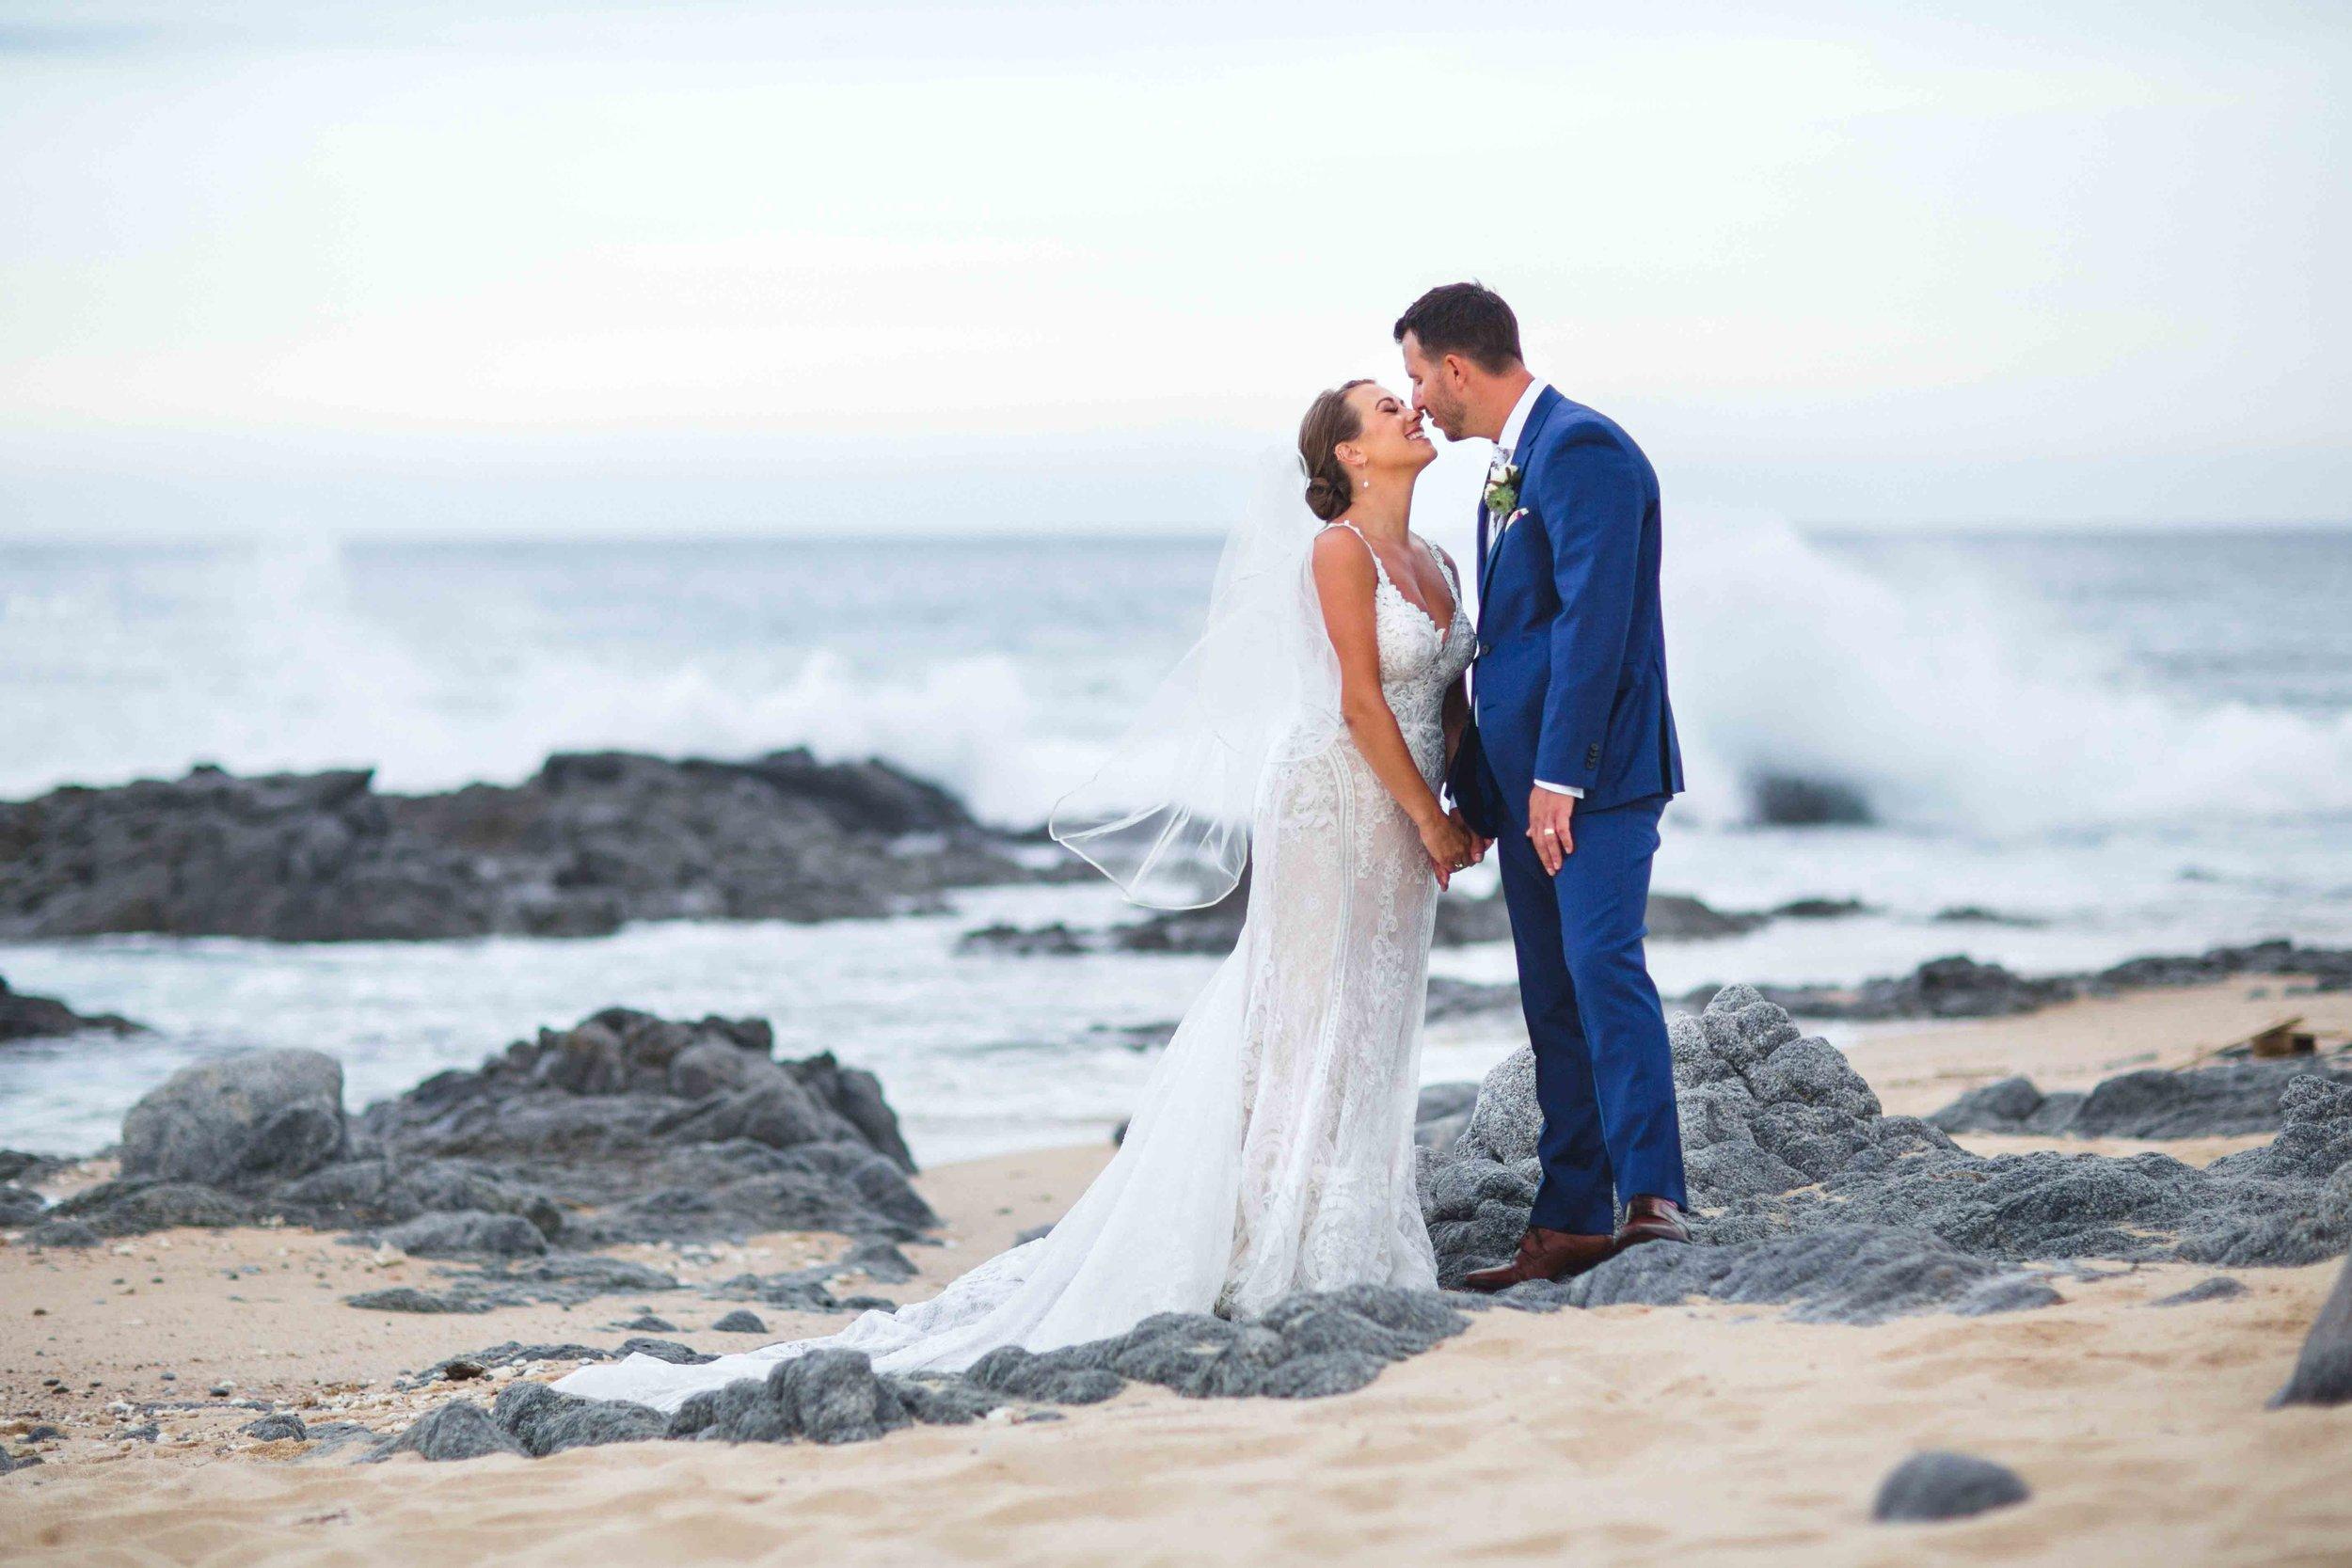 cabo-san-lucas-mexico-wedding-photographer-111.jpg